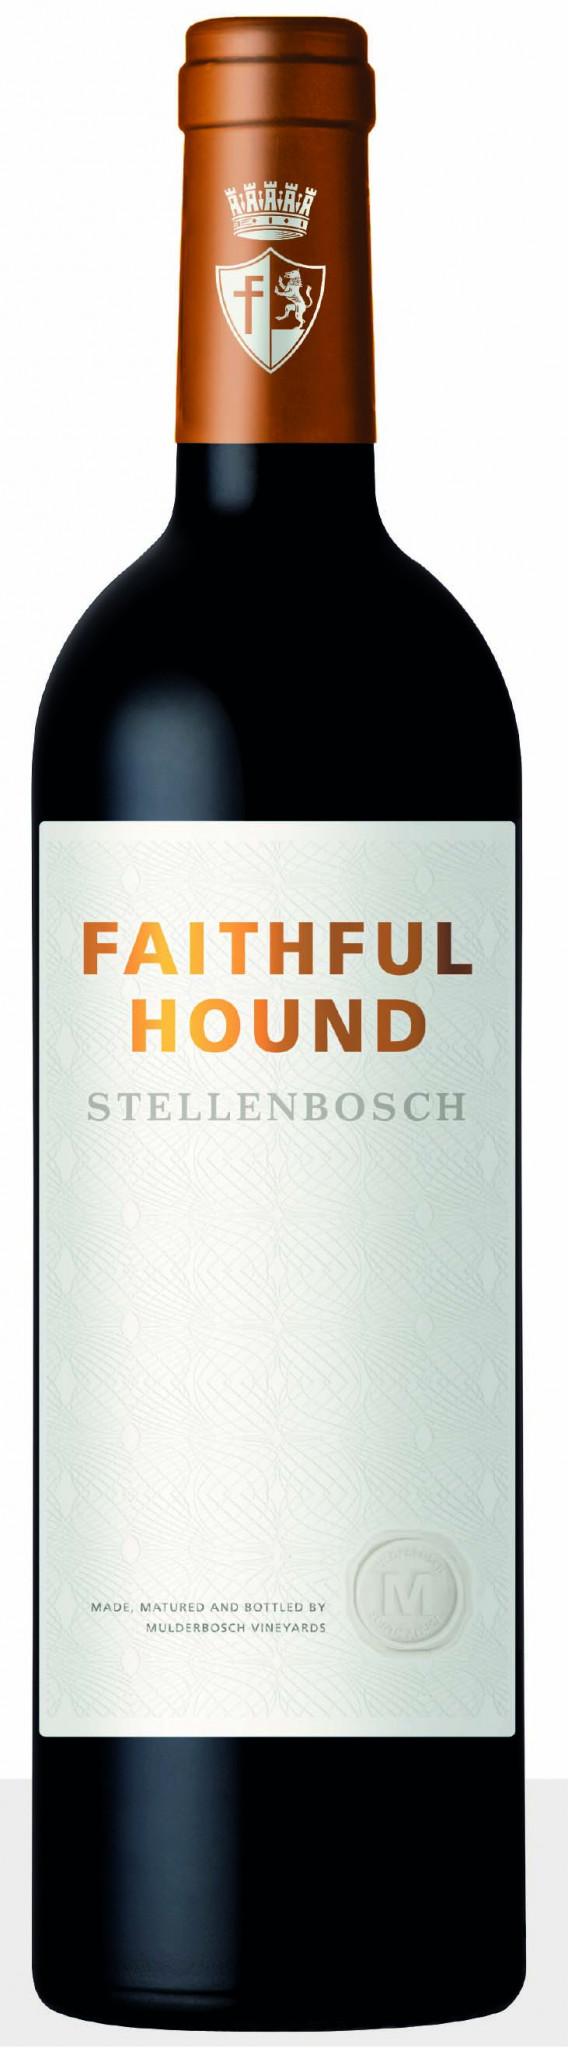 Mulderbosch Faithful Hound - wineaffair